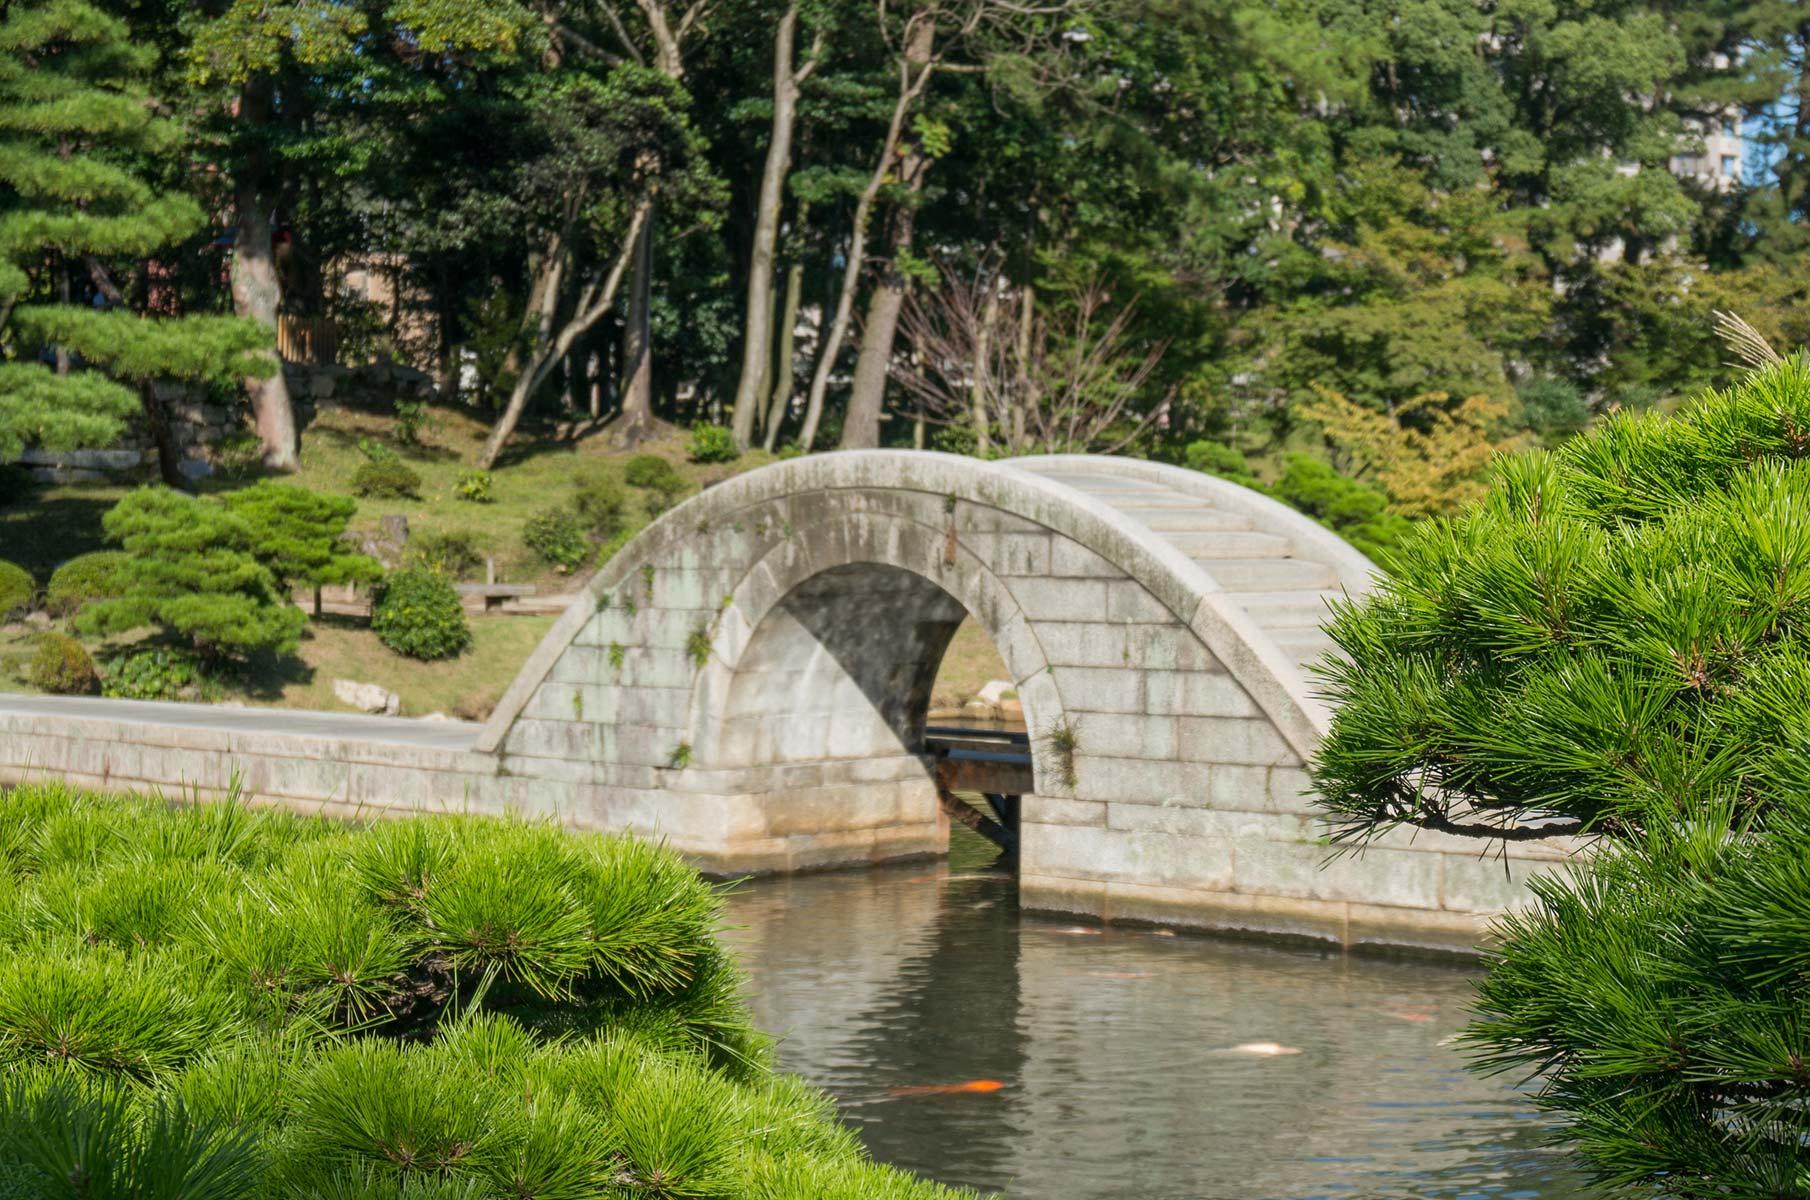 Japanischer Wandelgarten Shukkei-en in Hiroshima, Japan